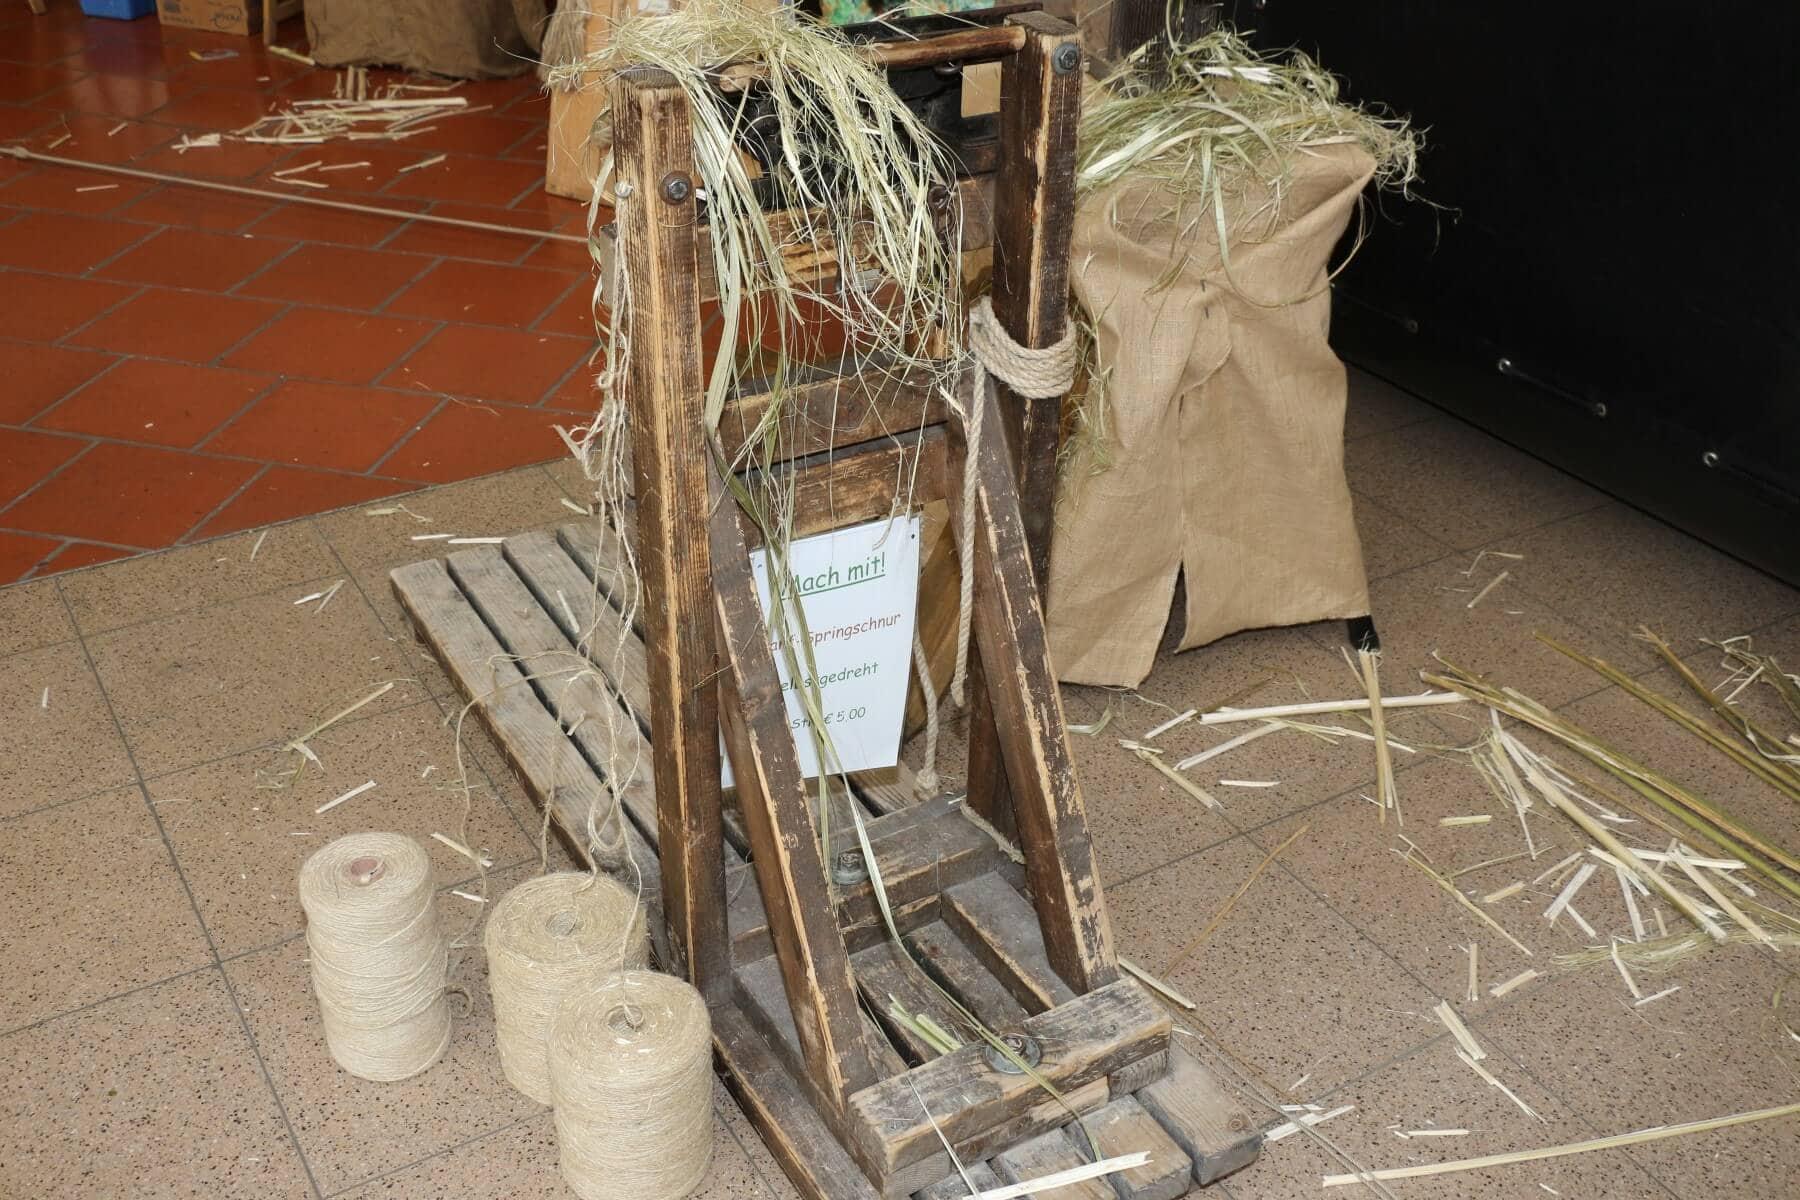 Geräte, um die Kulturpflanze Hanf zu verarbeiten